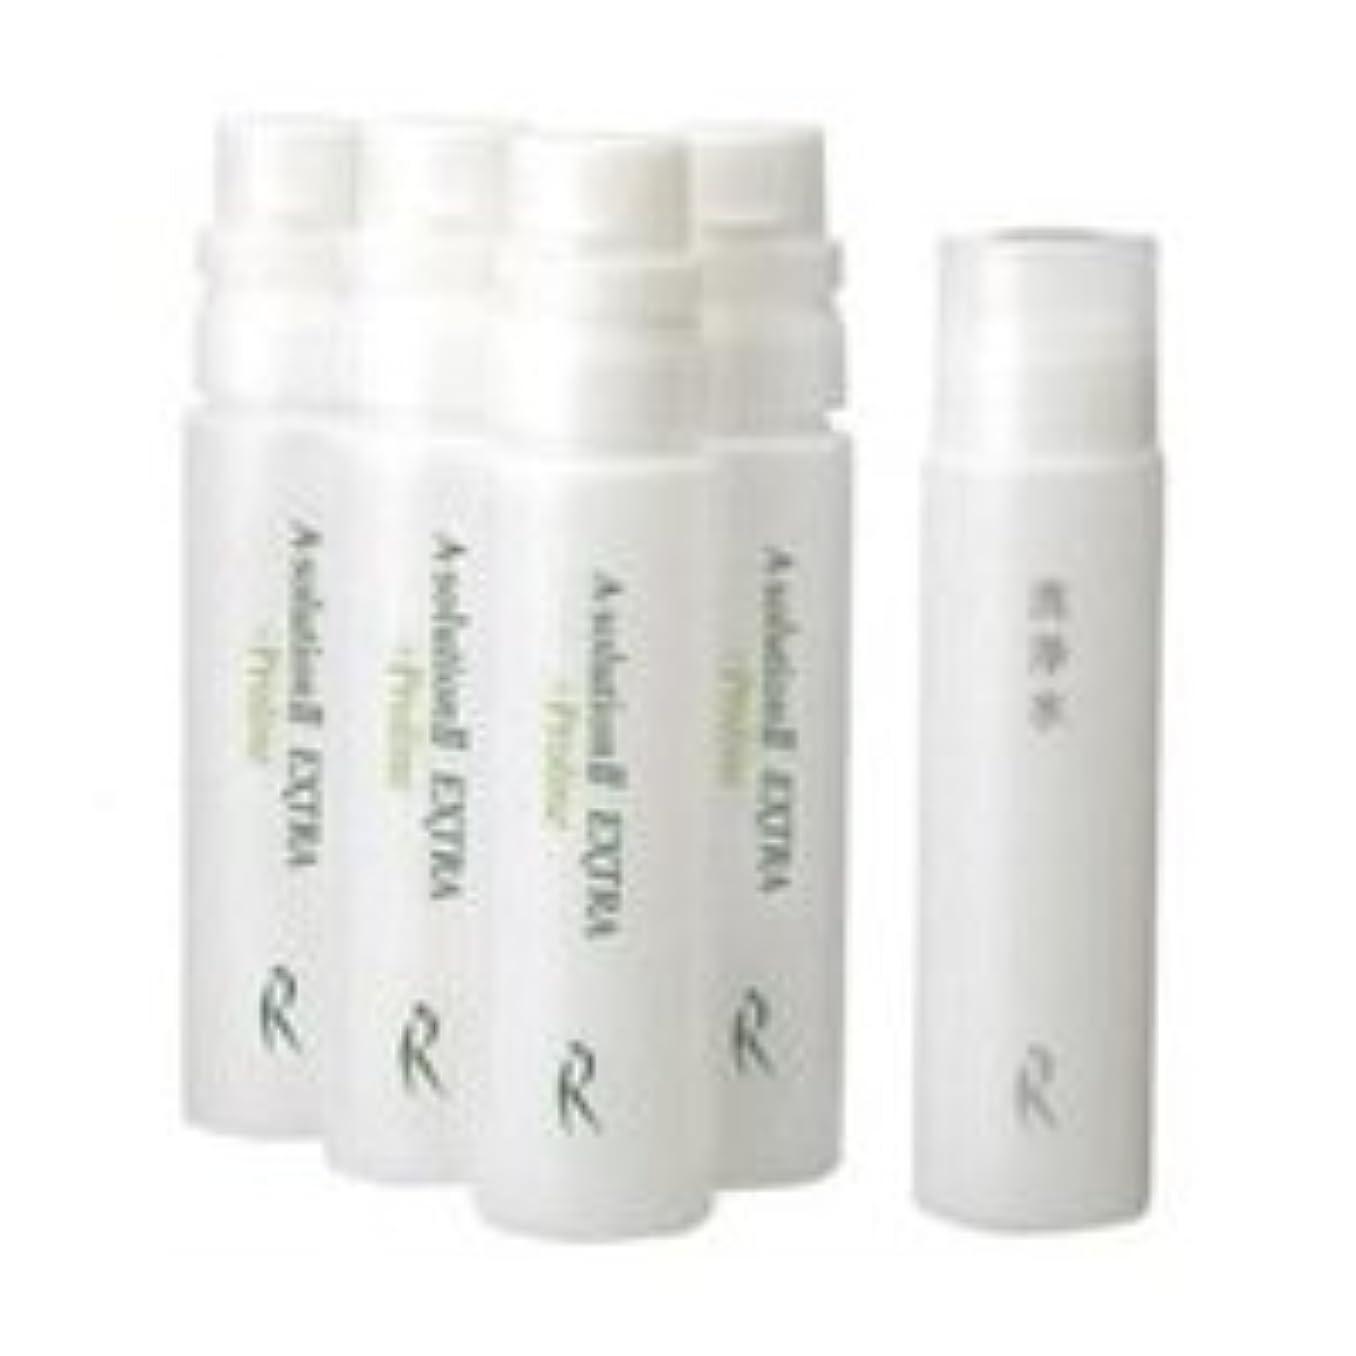 冷蔵する振る舞い支配的A-ソリューション エクストラ+プロリン / REVENIR  レブニール プラチナアクイシモ専用美容液